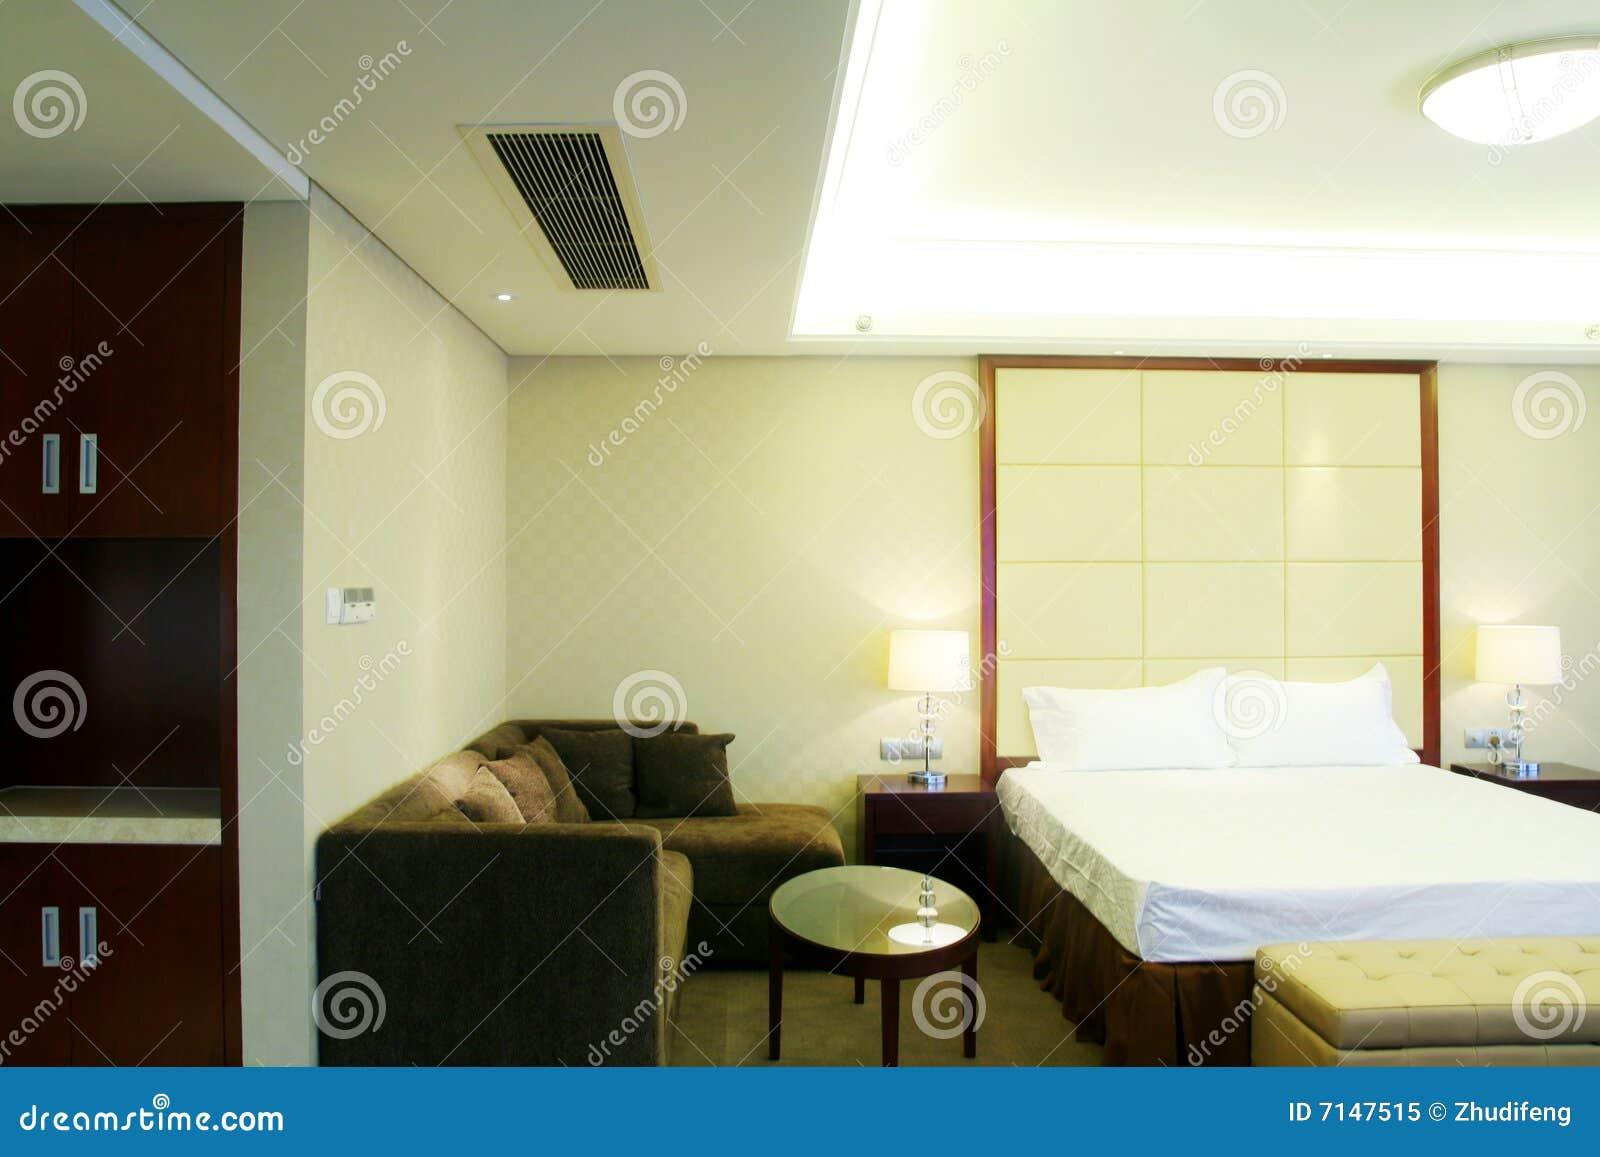 De ruimte van het bed royalty vrije stock foto afbeelding 7147515 - Ruimte van het meisje parket ...